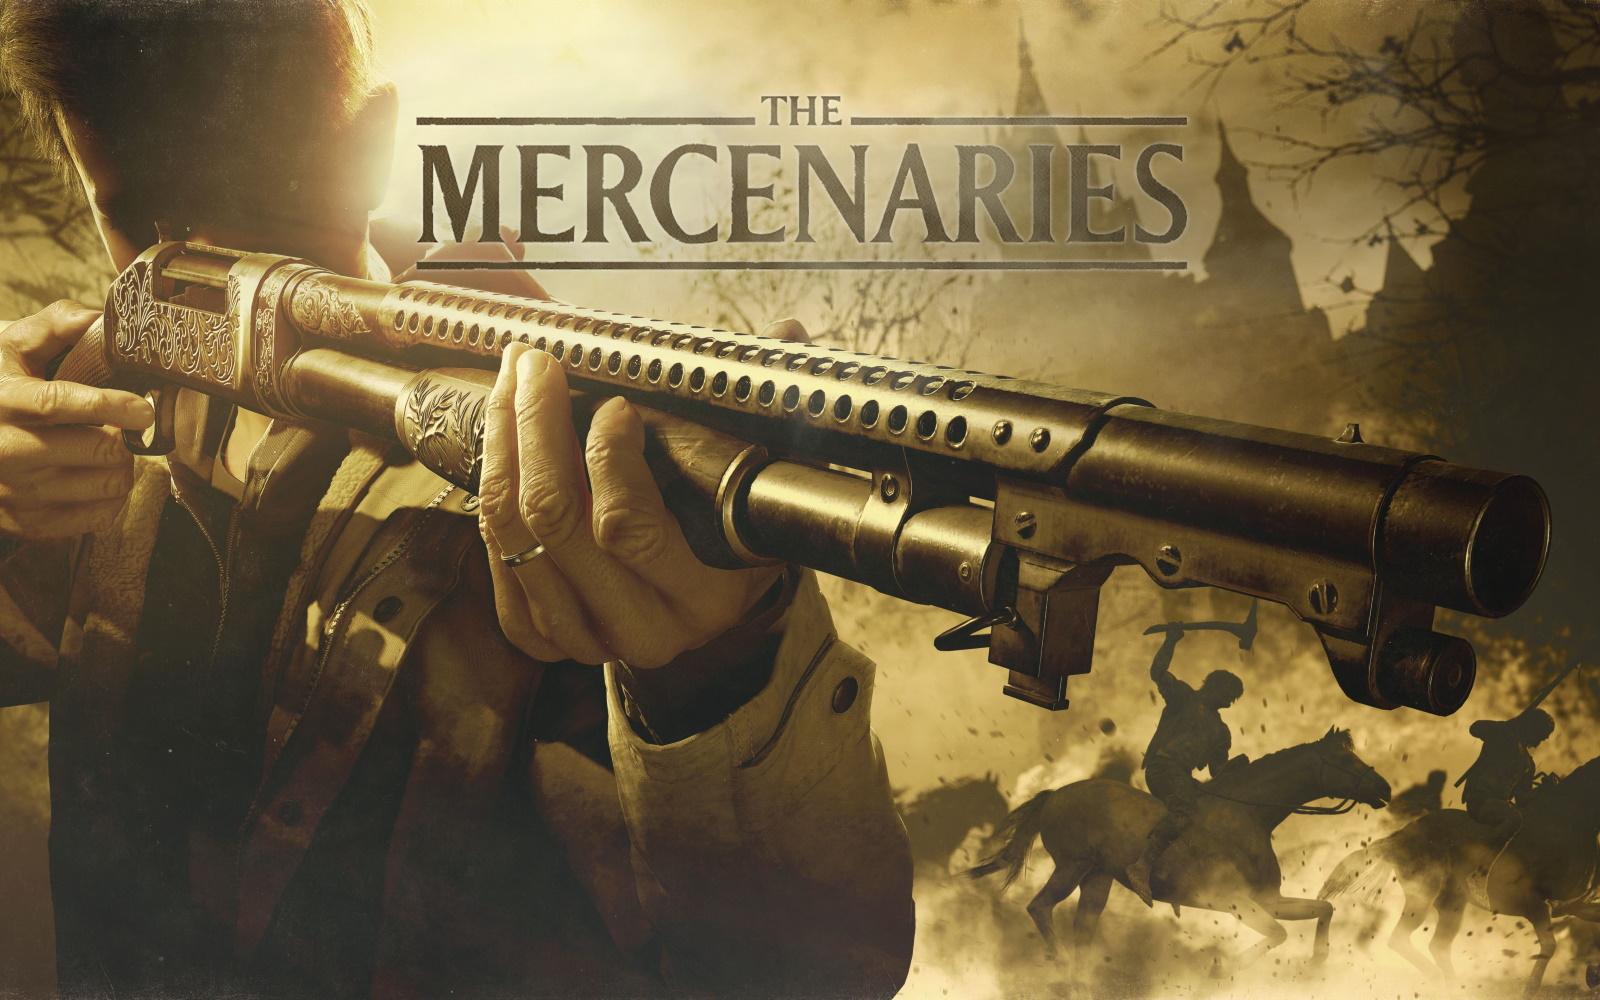 Mercenaries Mode Returning In Resident Evil Village